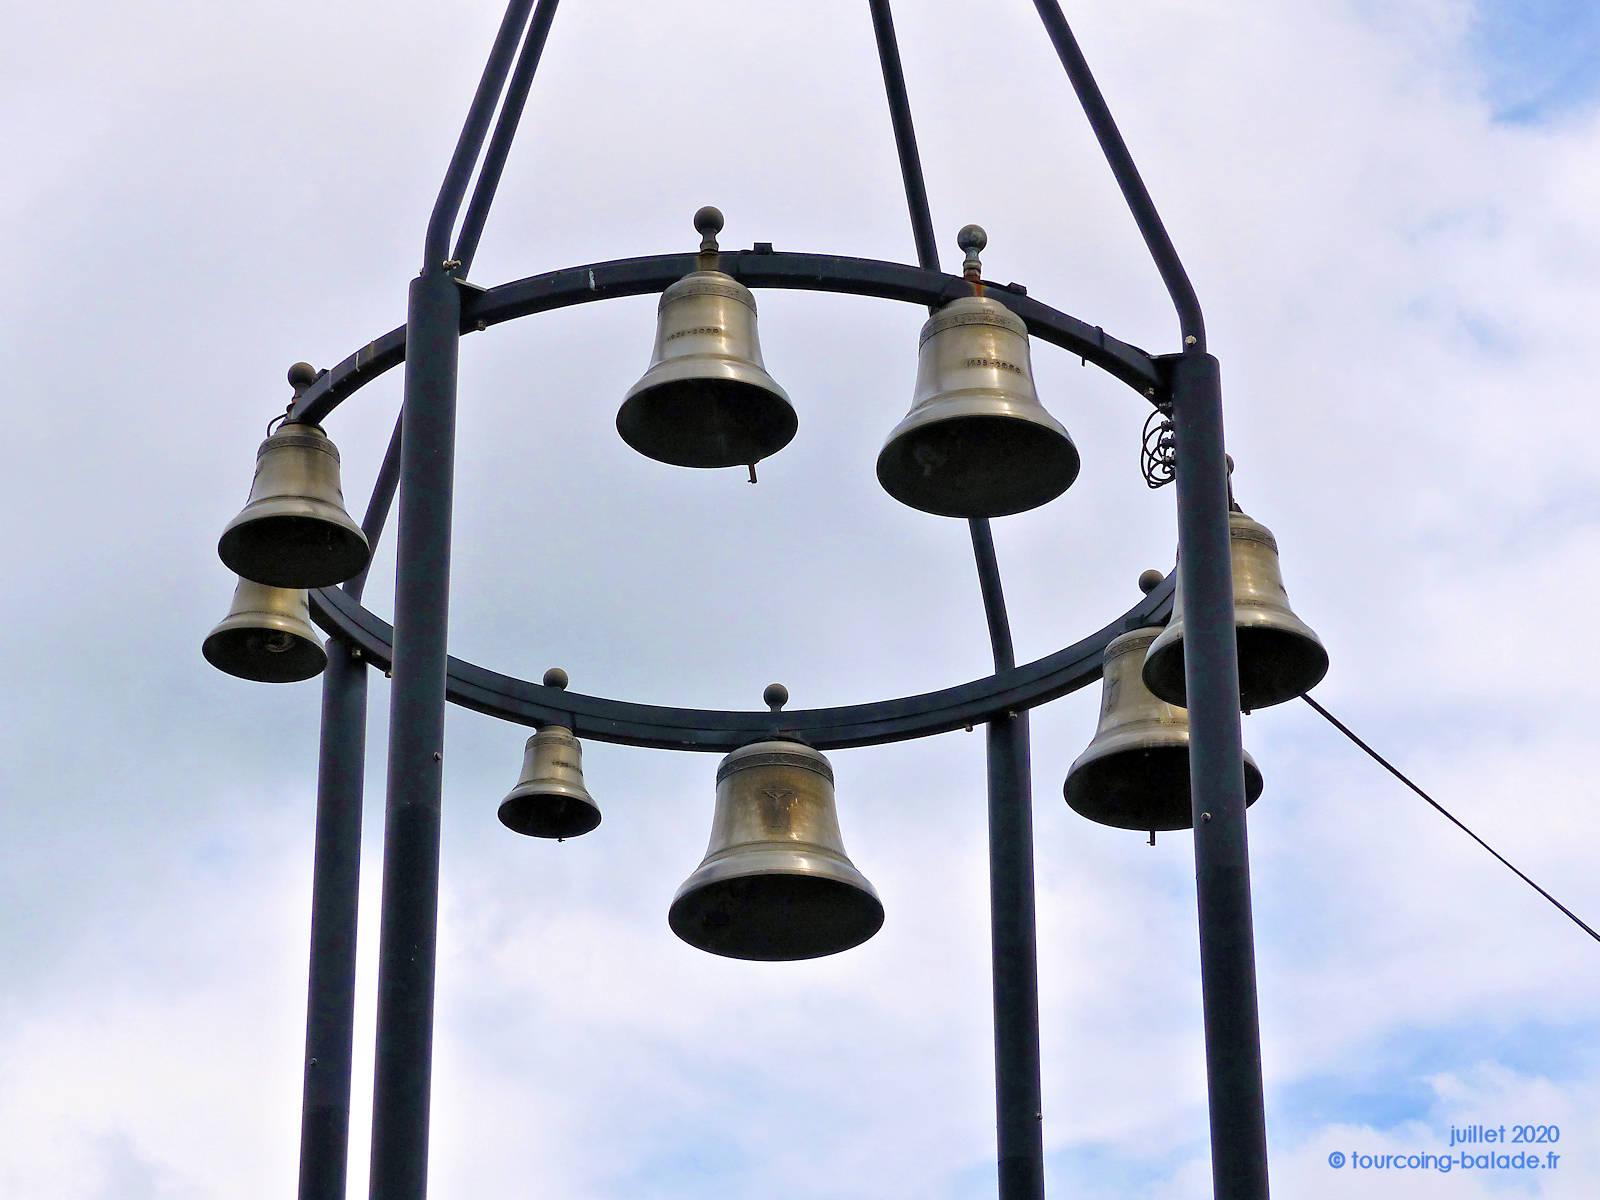 Carillon de l'église Saint Joseph de Tourcoing, 2020